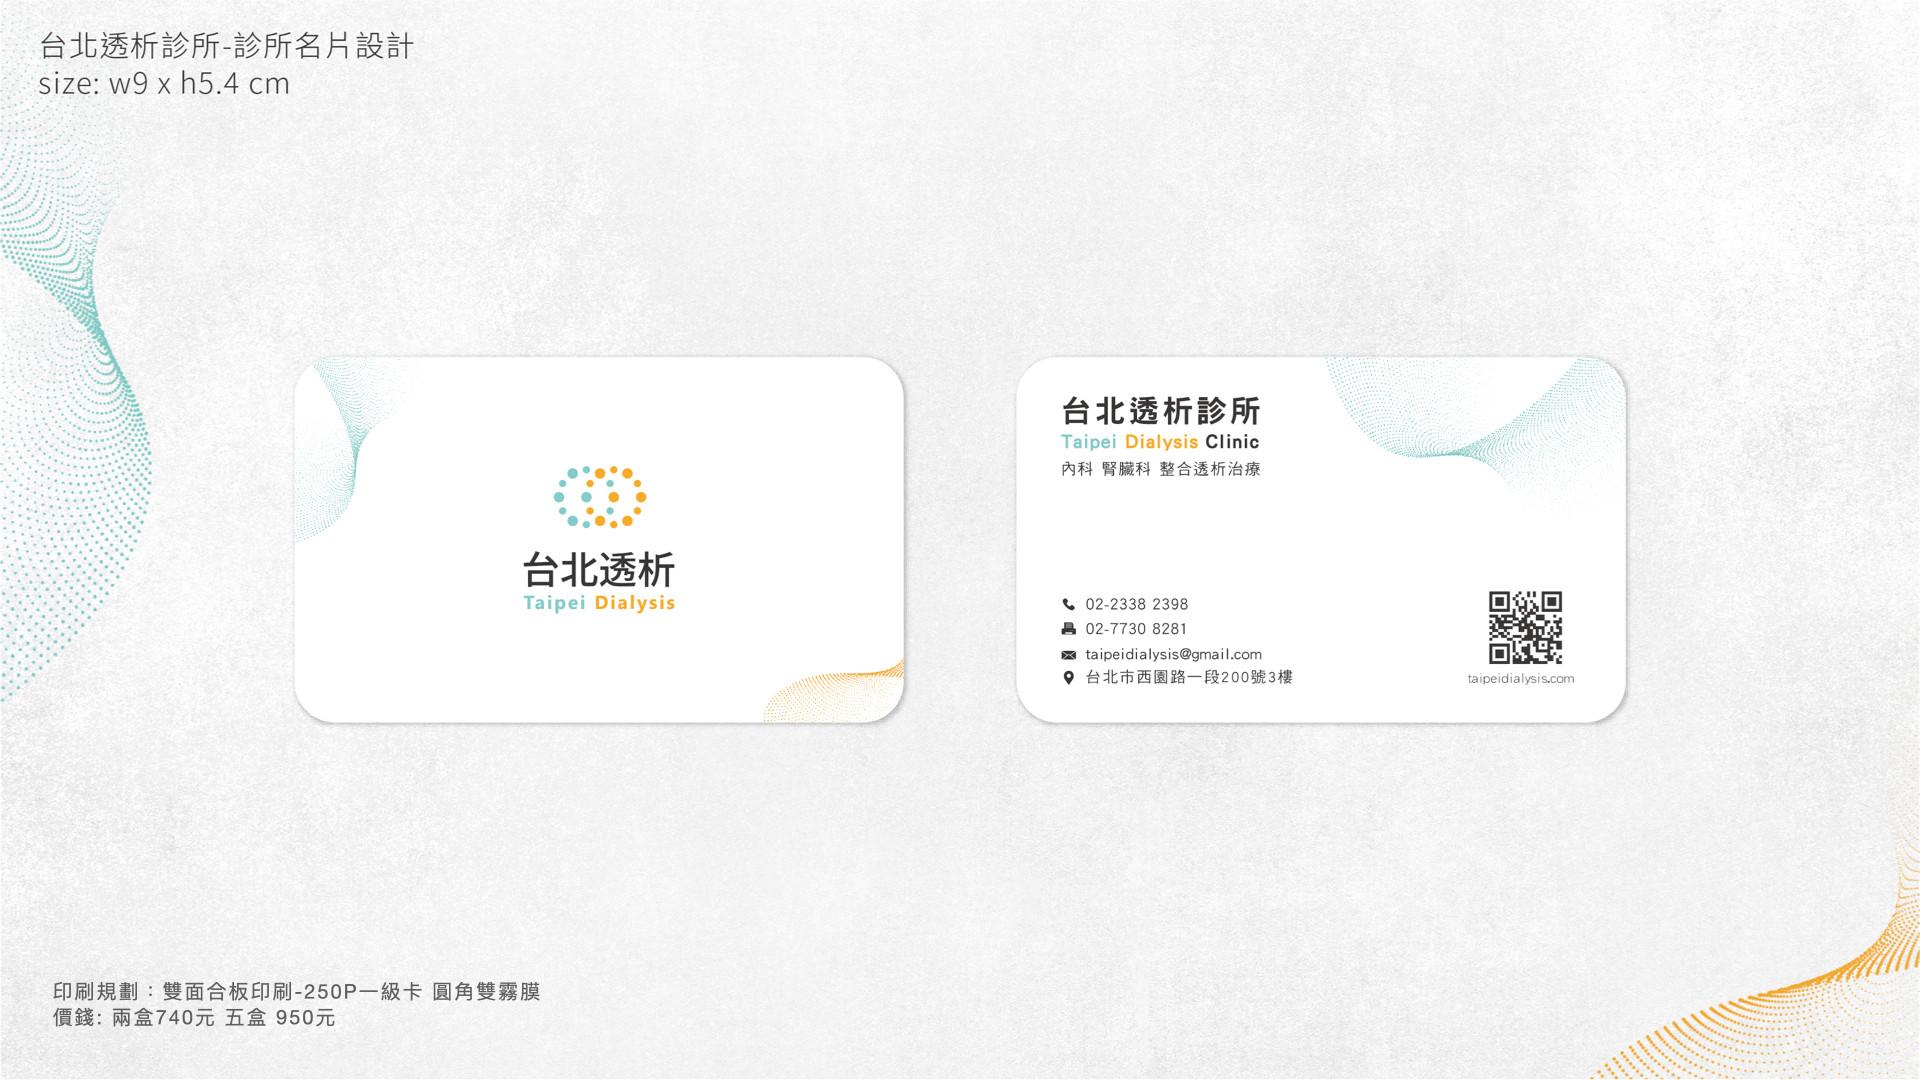 台北透析-設計物-11.003.jpeg